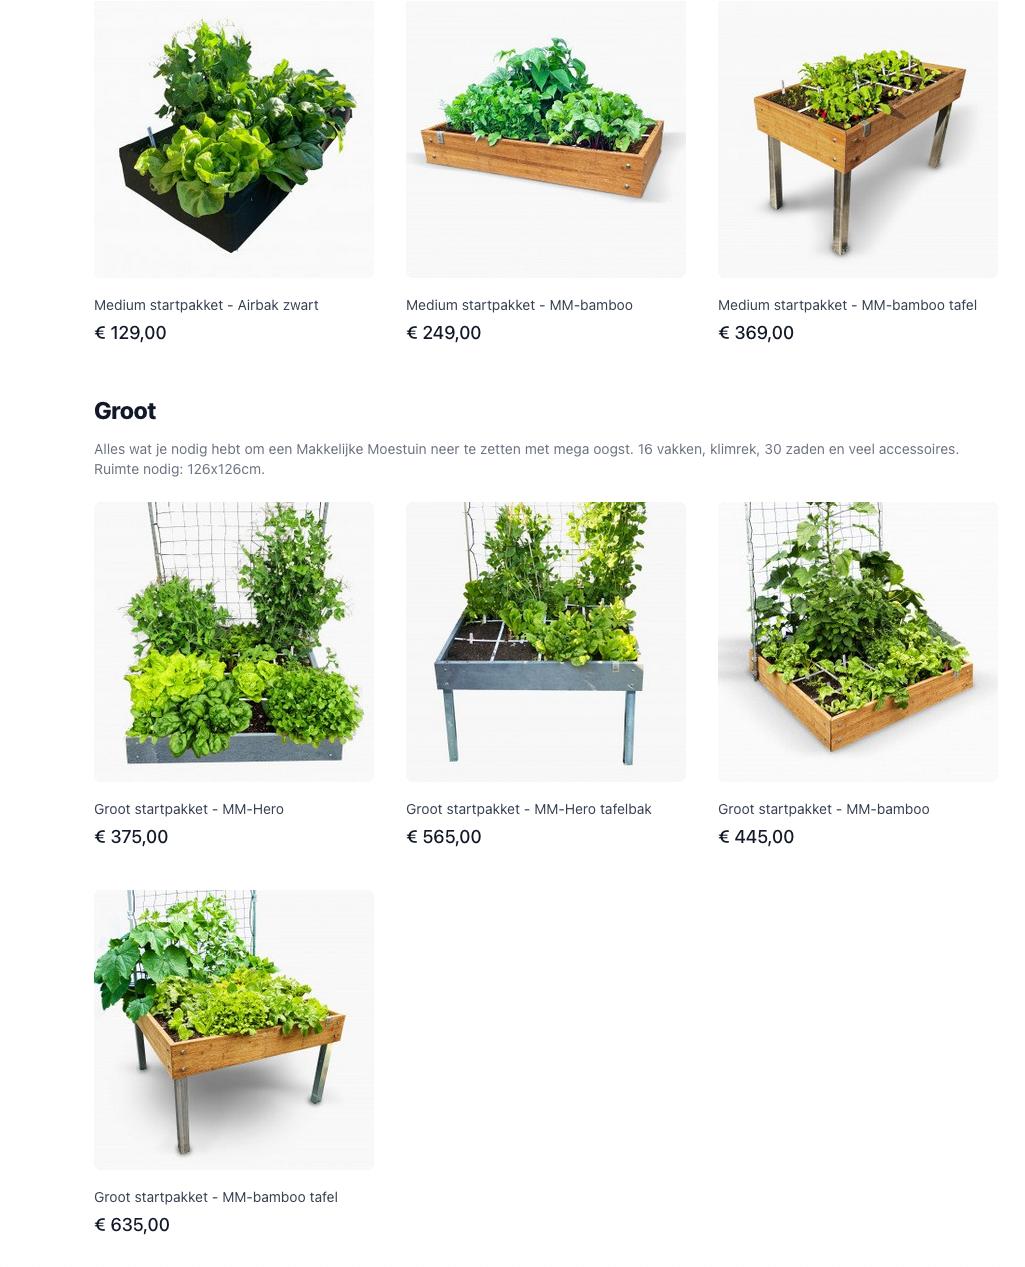 Startpakketten-MM-bamboo.png